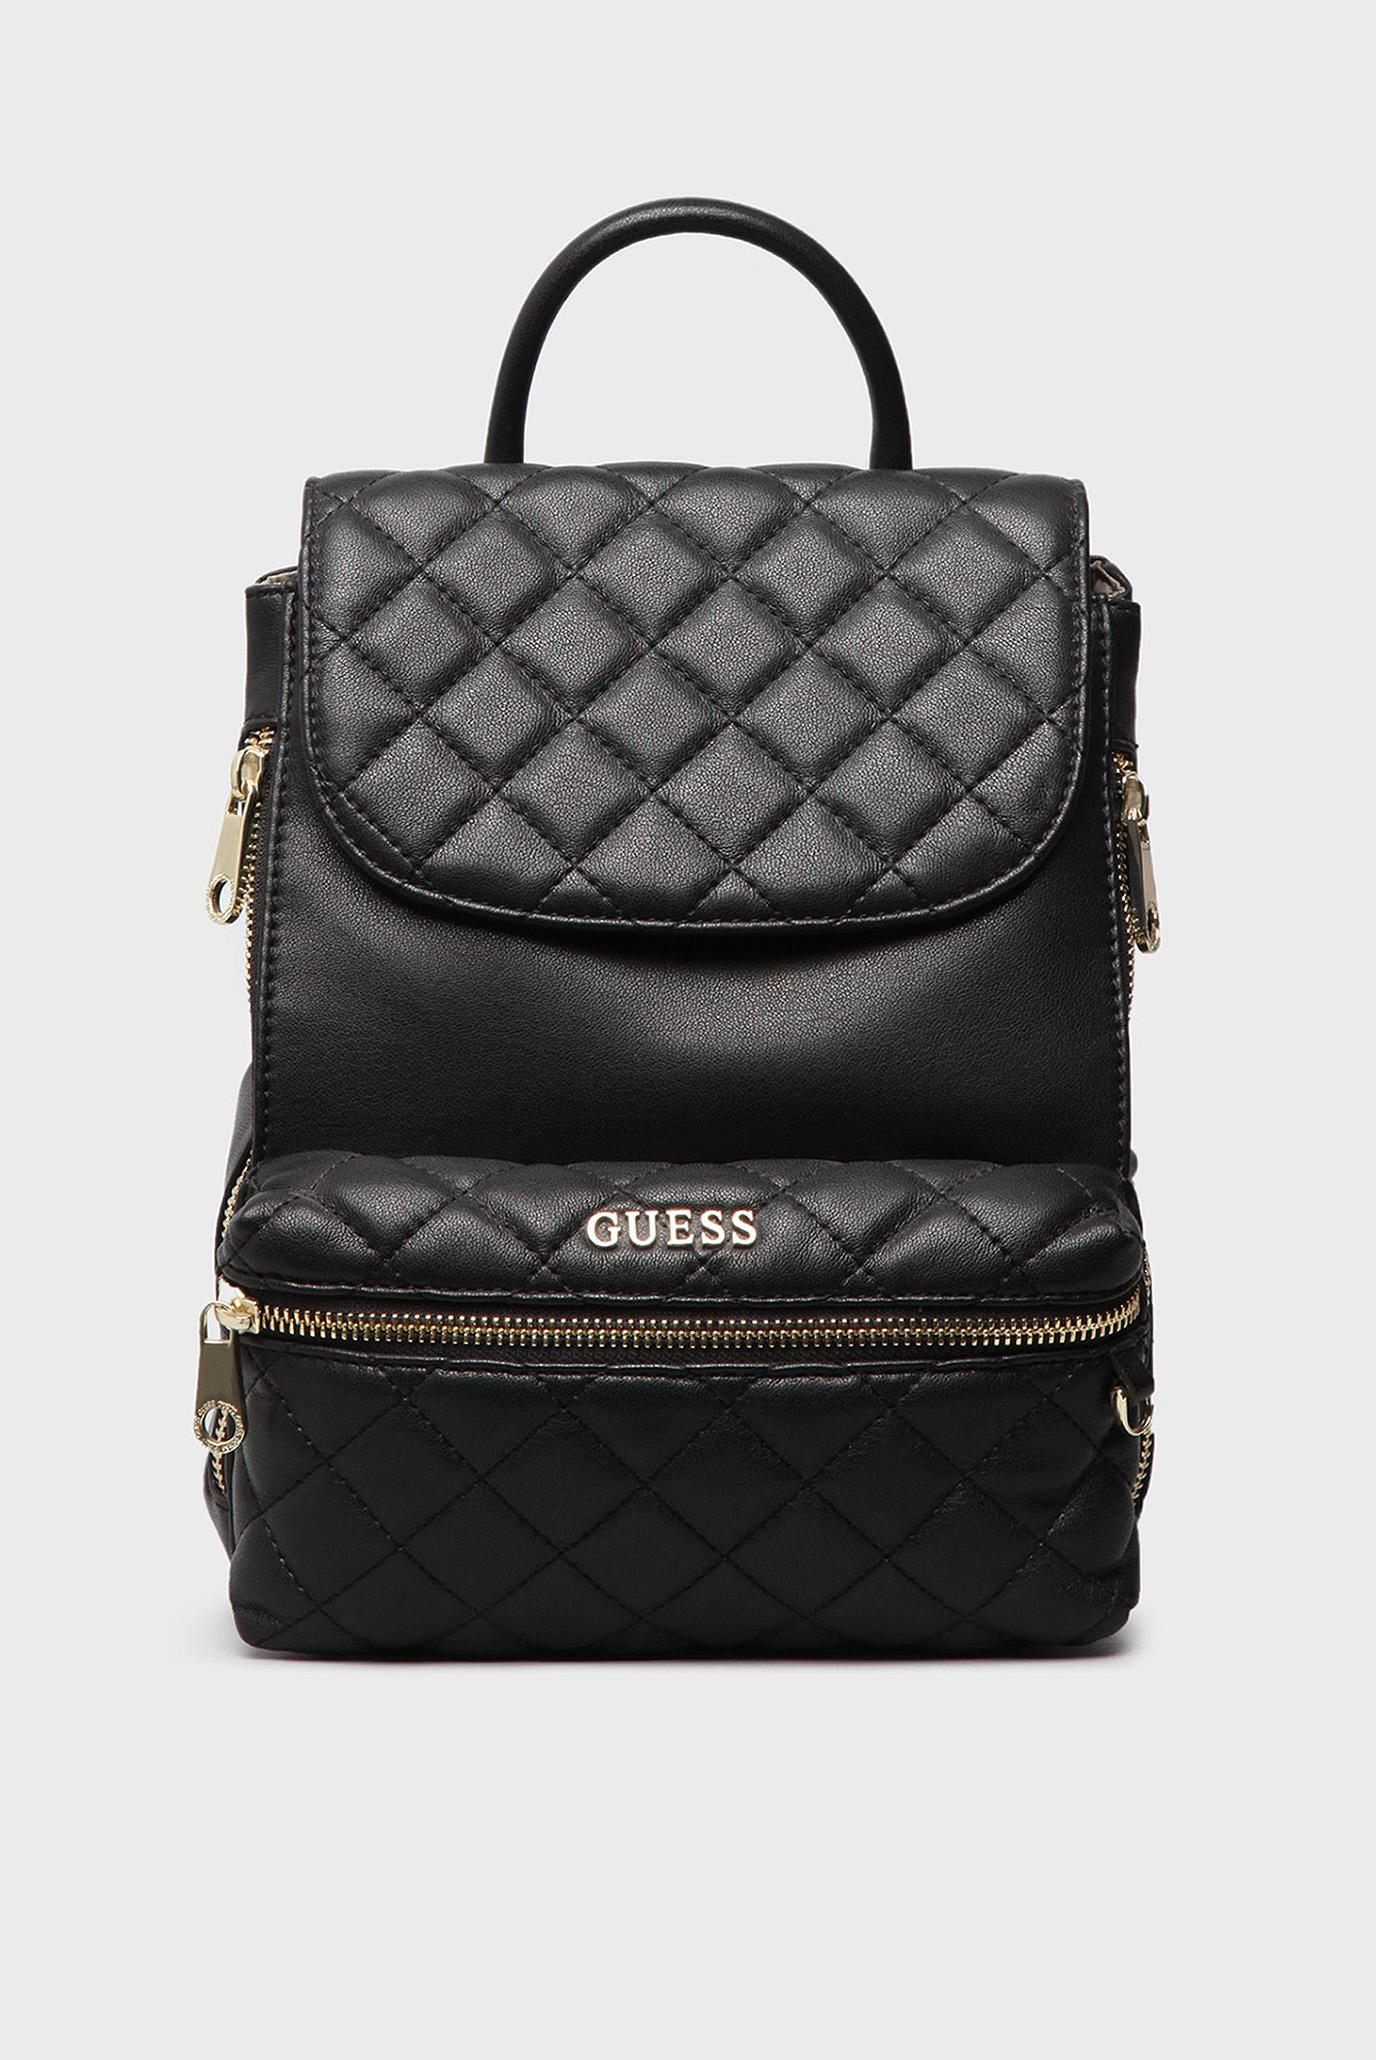 Купить Женский черный рюкзак Guess Guess HWALAQP7144 – Киев b37e6917a6a26